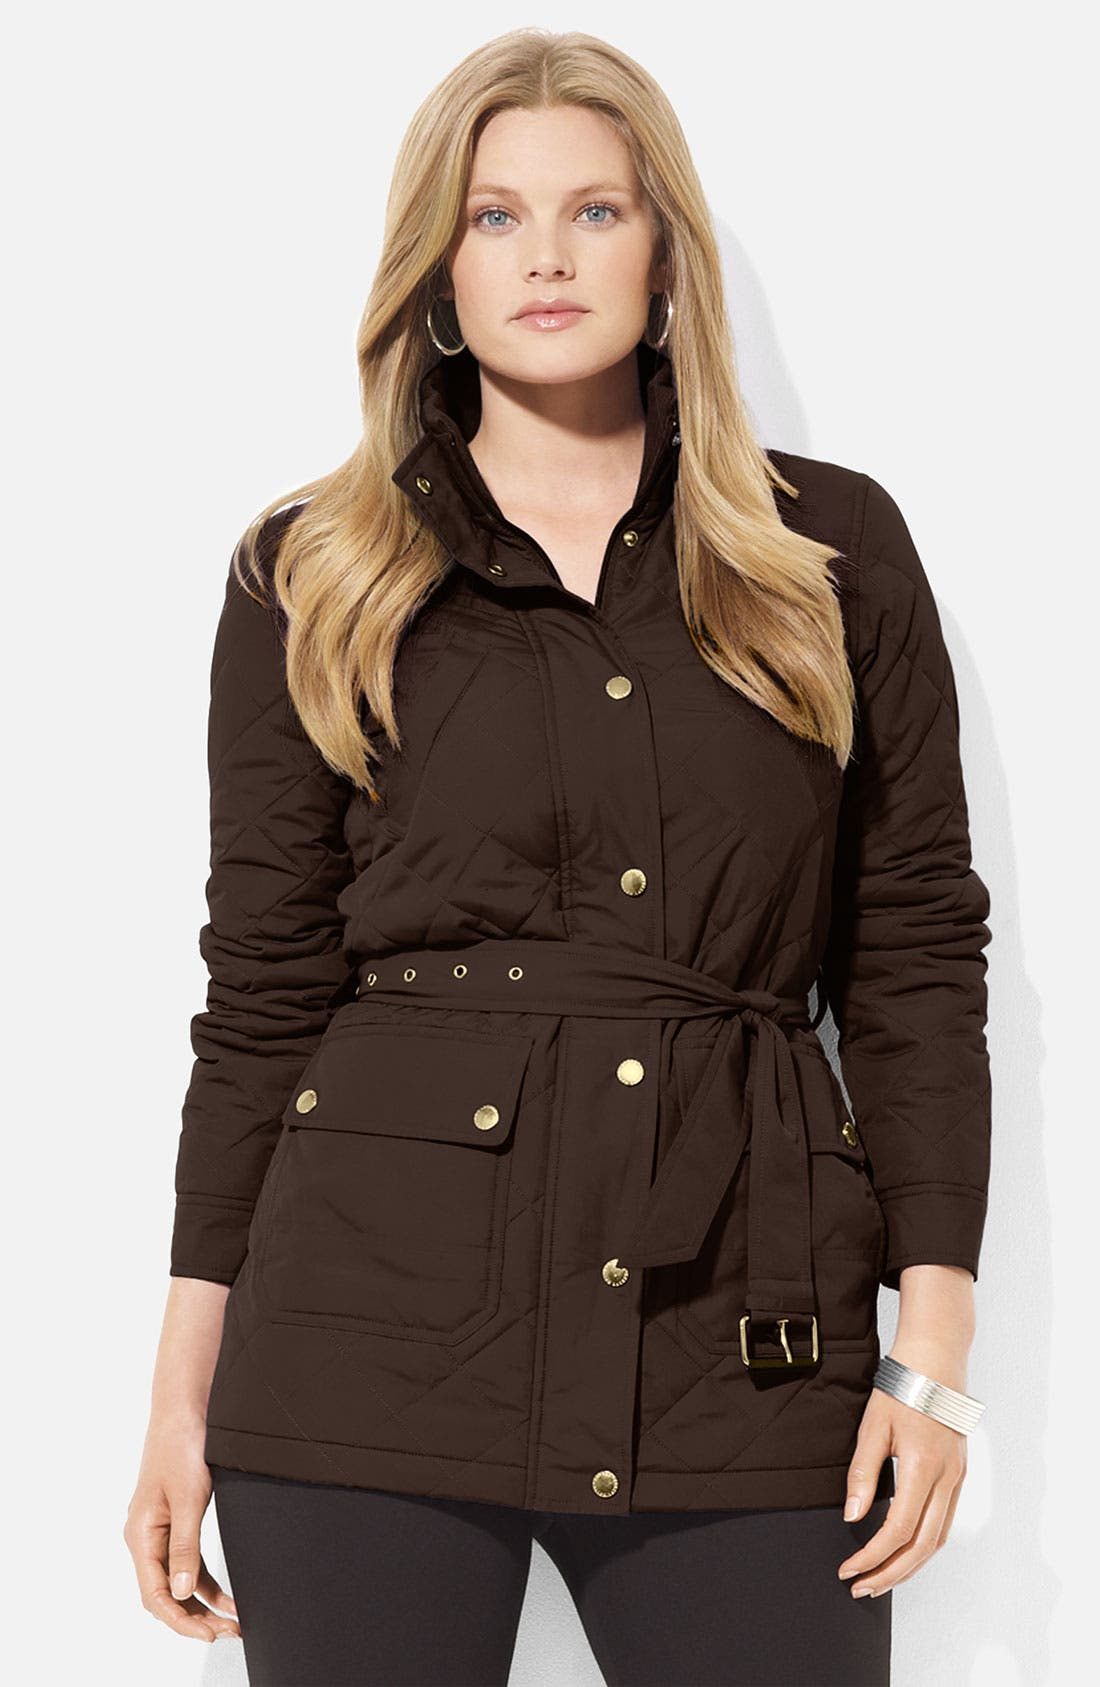 Alternate Image 1 Selected - Lauren Ralph Lauren Belted Snap Front Jacket (Plus)